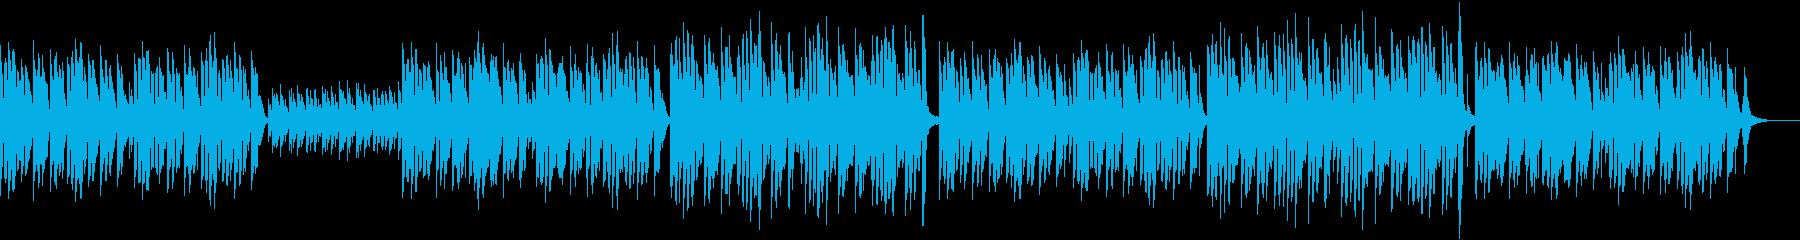 bpm108 キッズTikTok可愛い笛の再生済みの波形